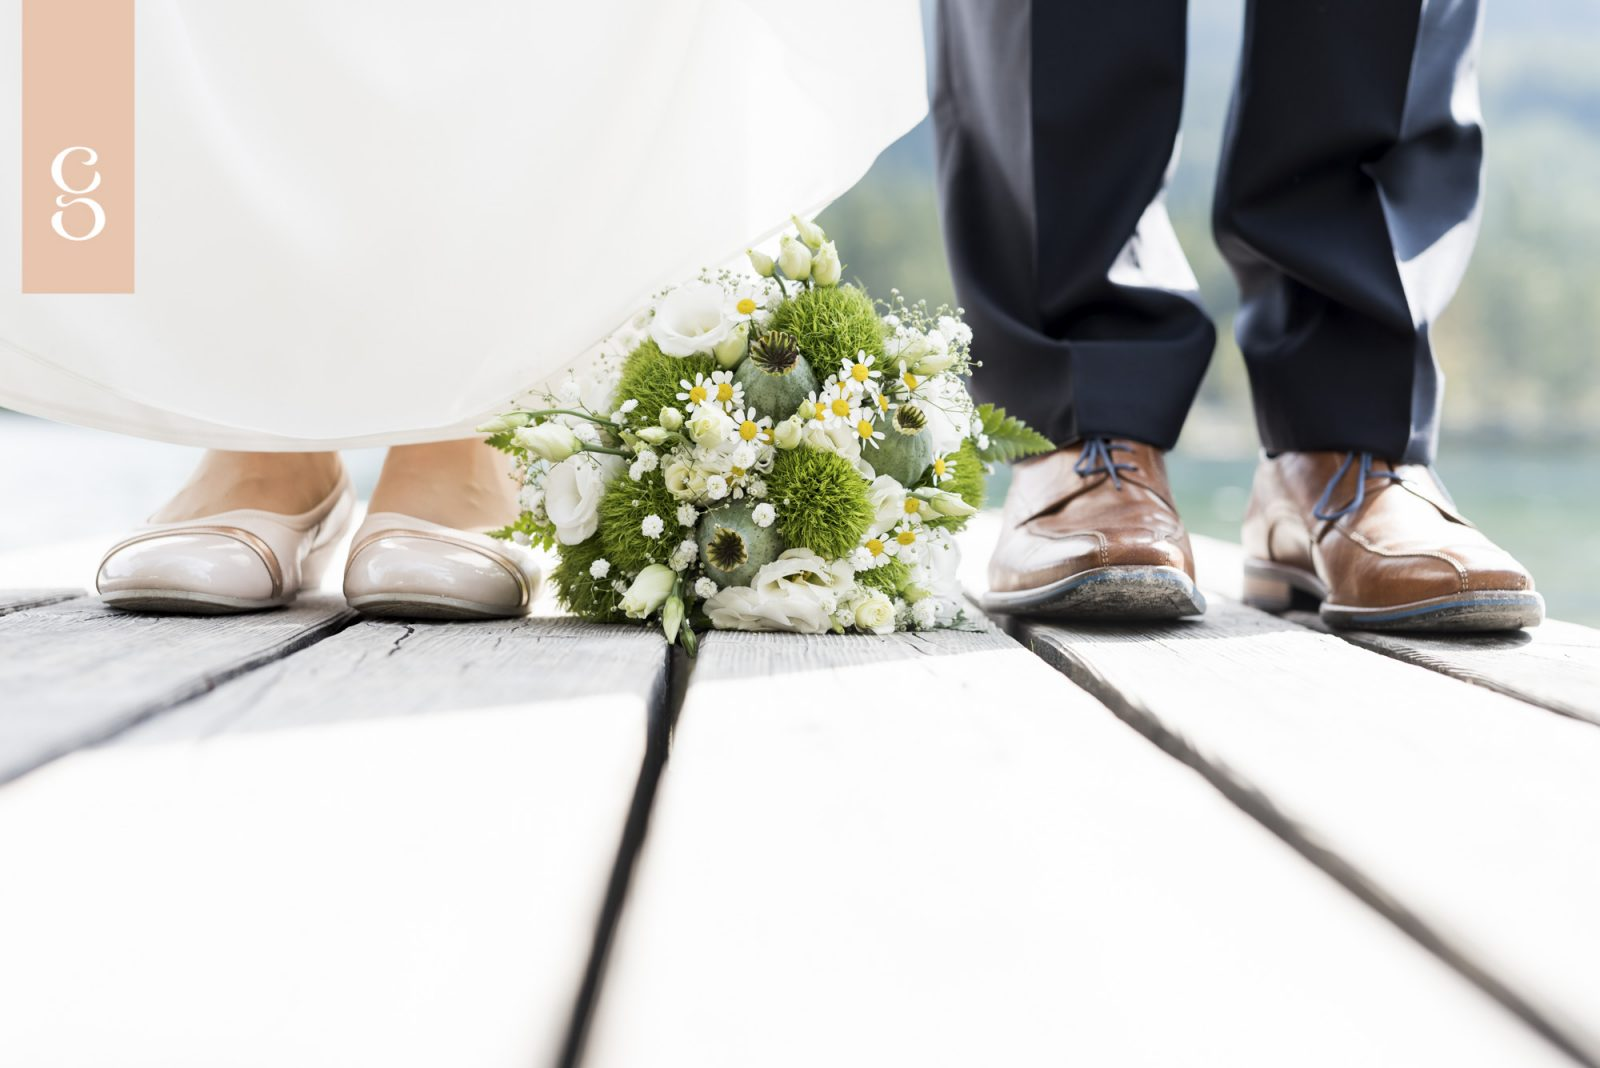 Fotograf_Goettges_Hochzeit_Wedding_Ramsau_Hintersee_Hirschbichl_Berchtesgaden_Hochzeitsfotograf-20